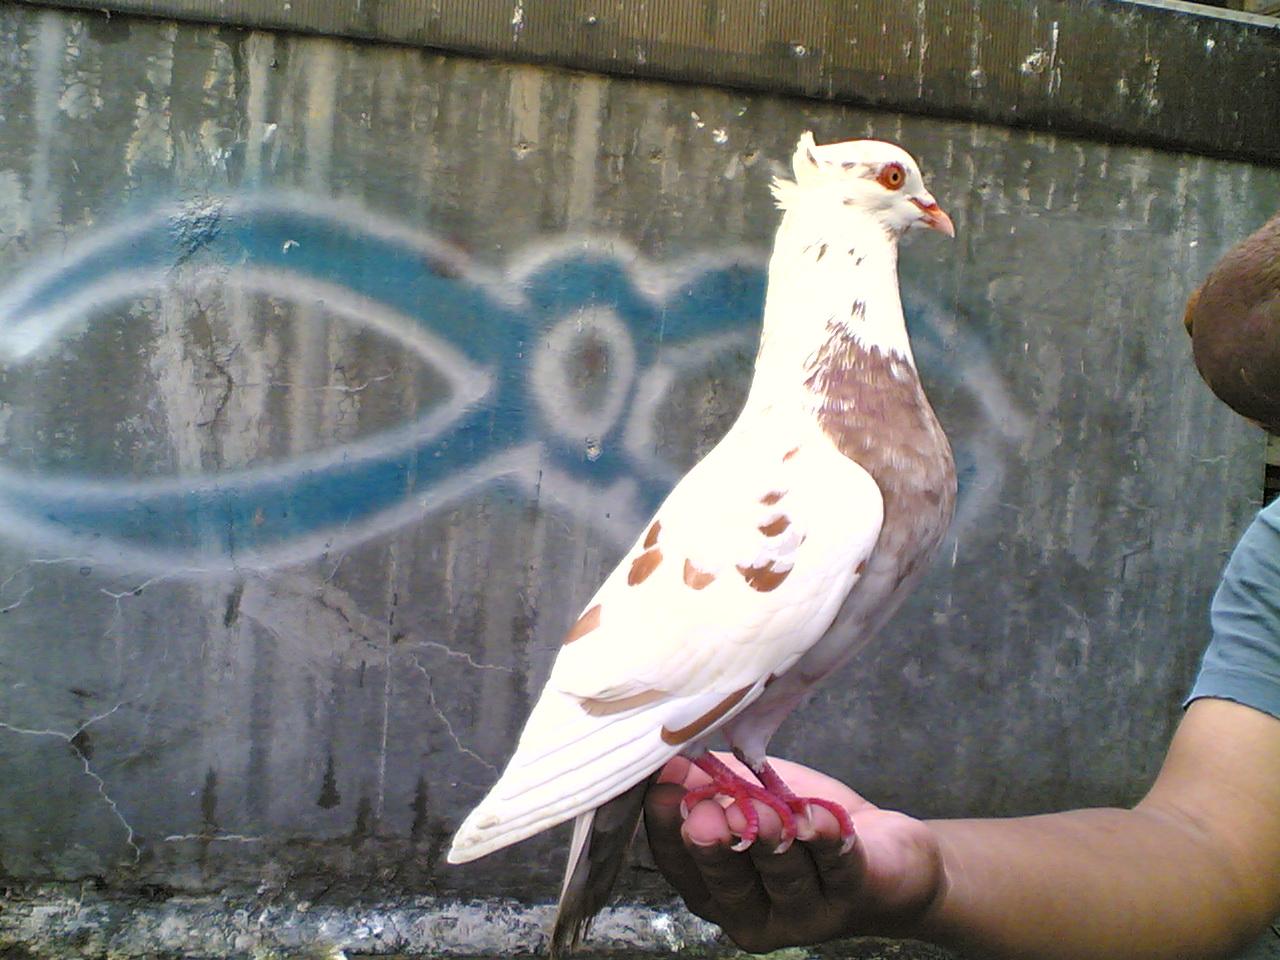 Wallpaper: Burung Merpati Blorok